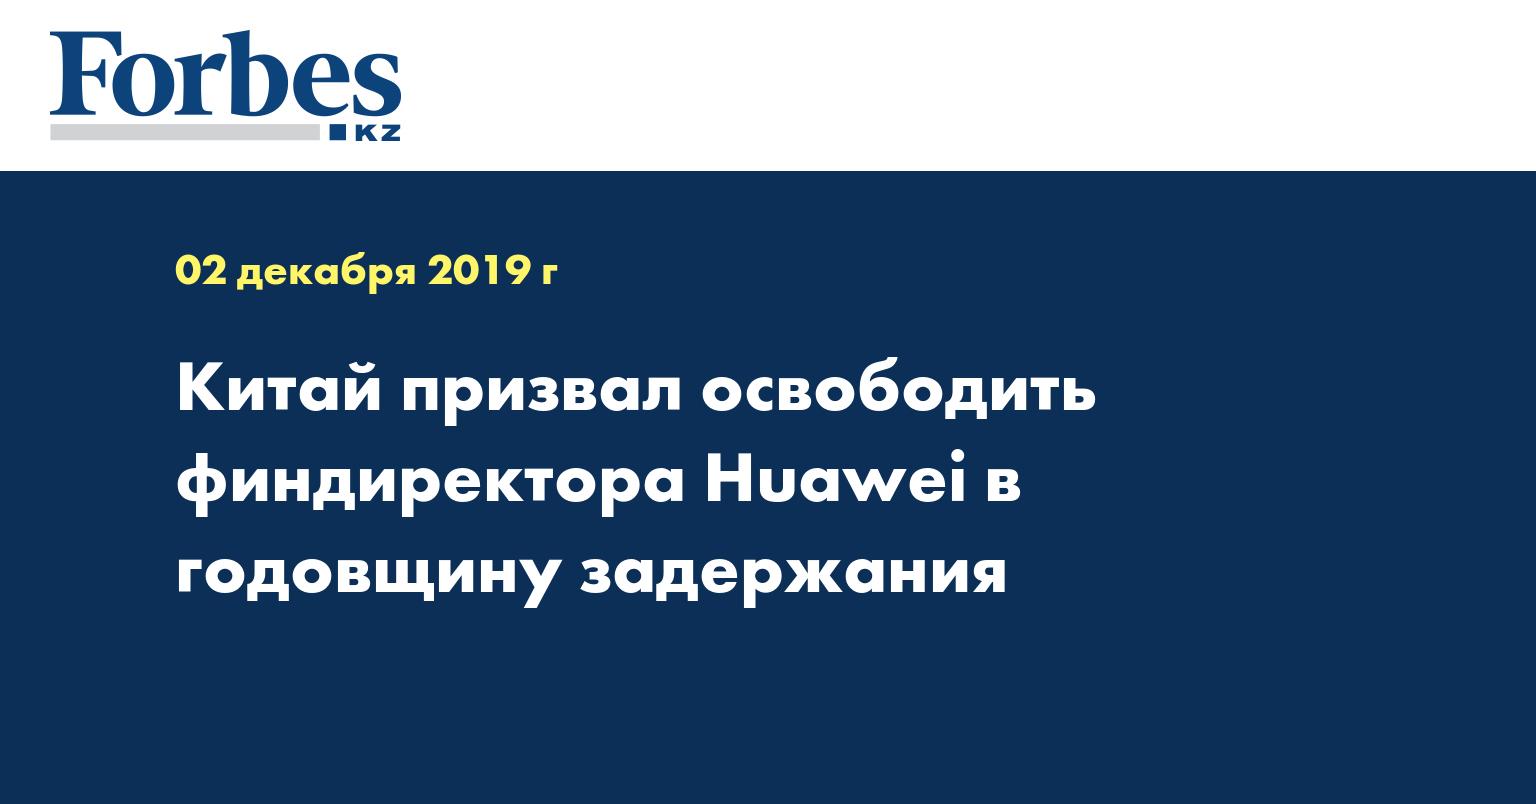 Китай призвал освободить финдиректора Huawei в годовщину задержания